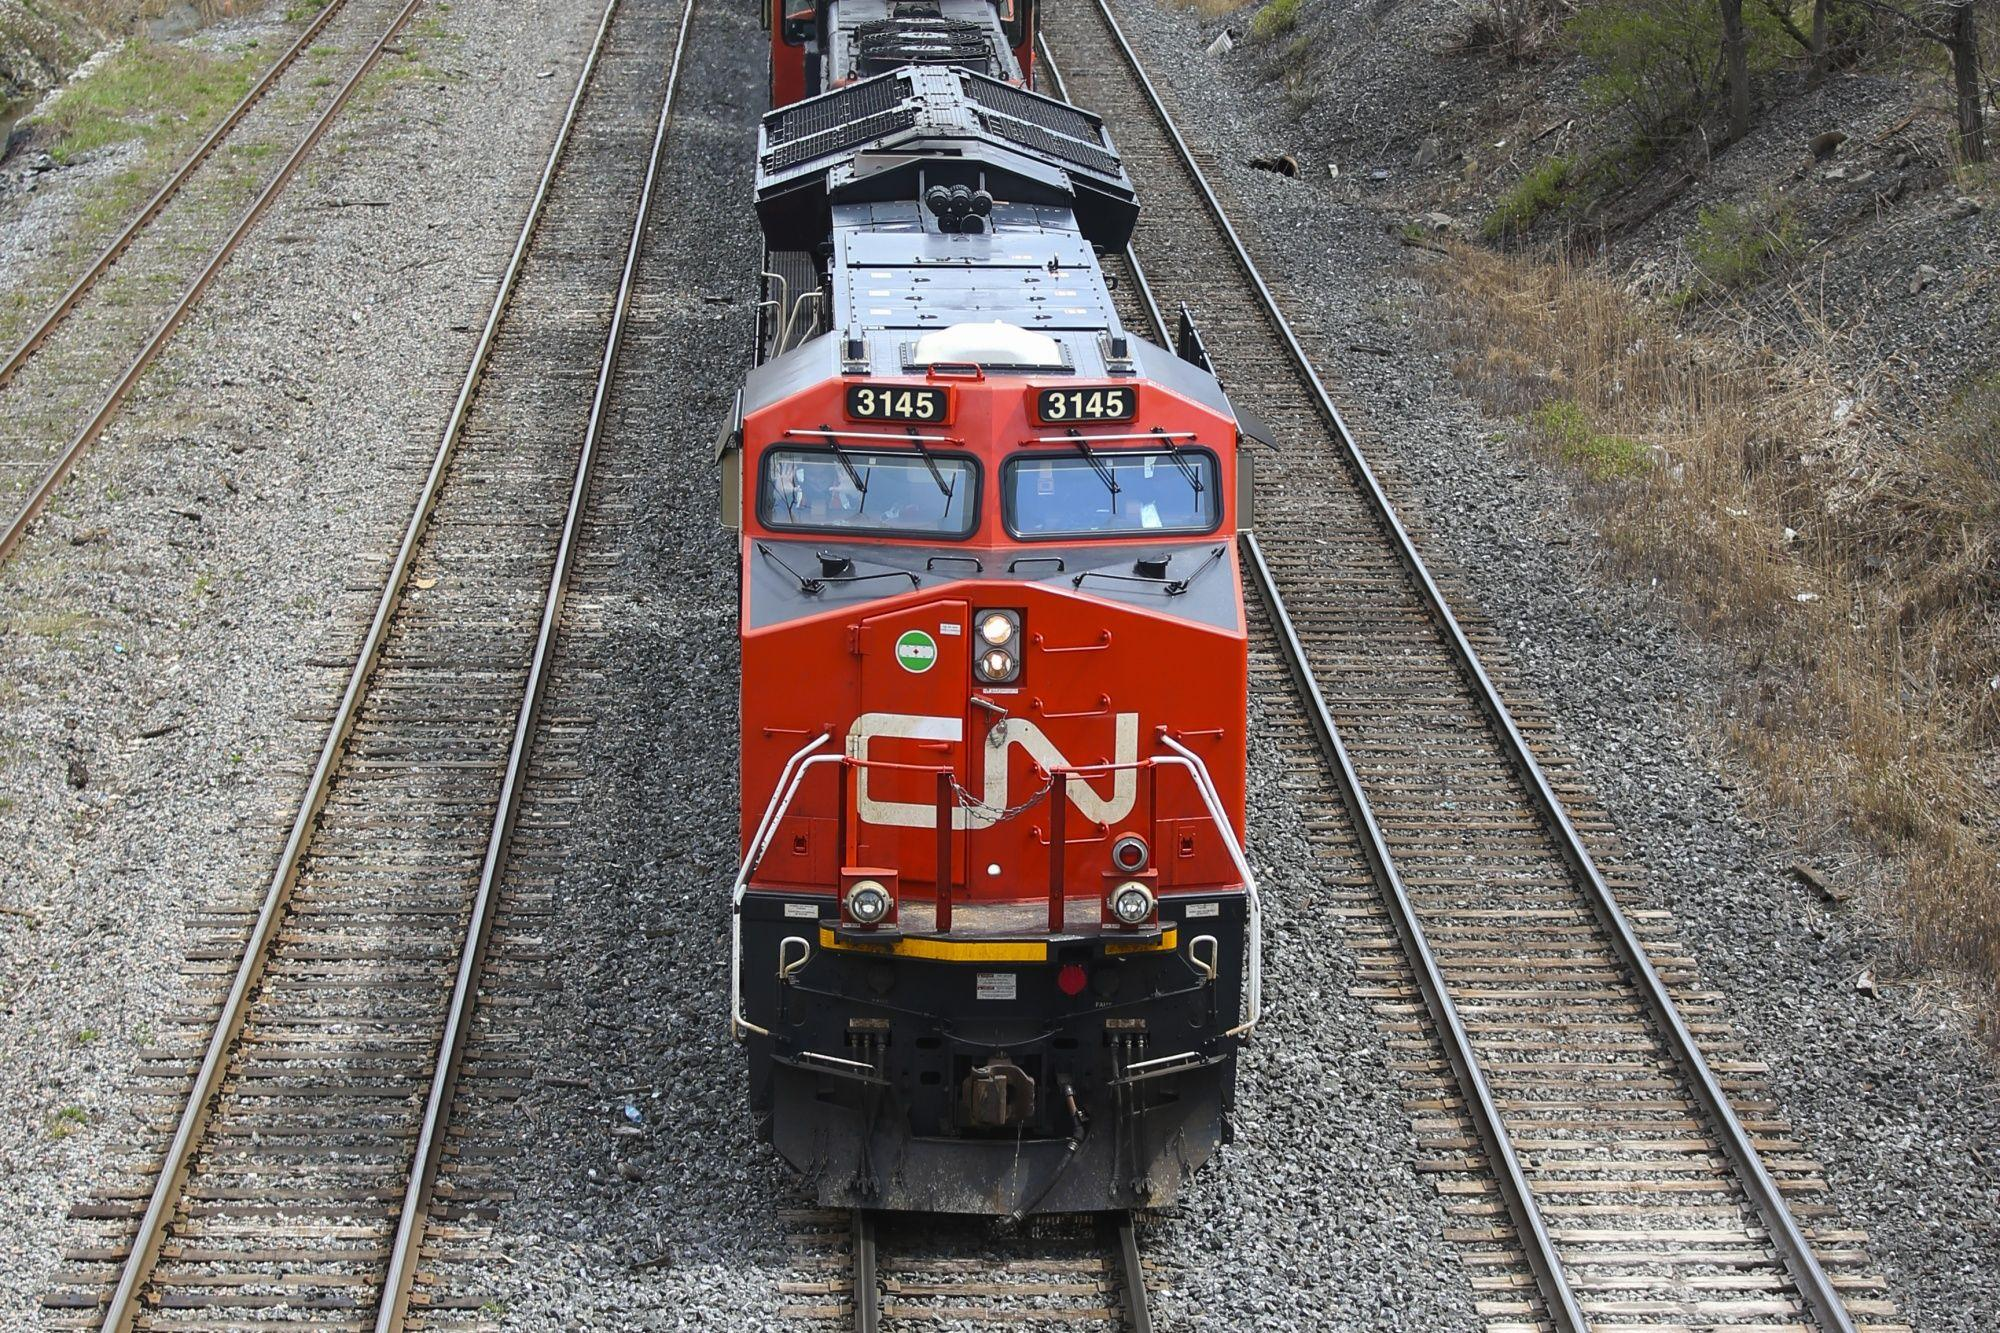 El alza de los productos básicos le da a CN un impulso a la espera de la decisión de adquisición de Kansas City